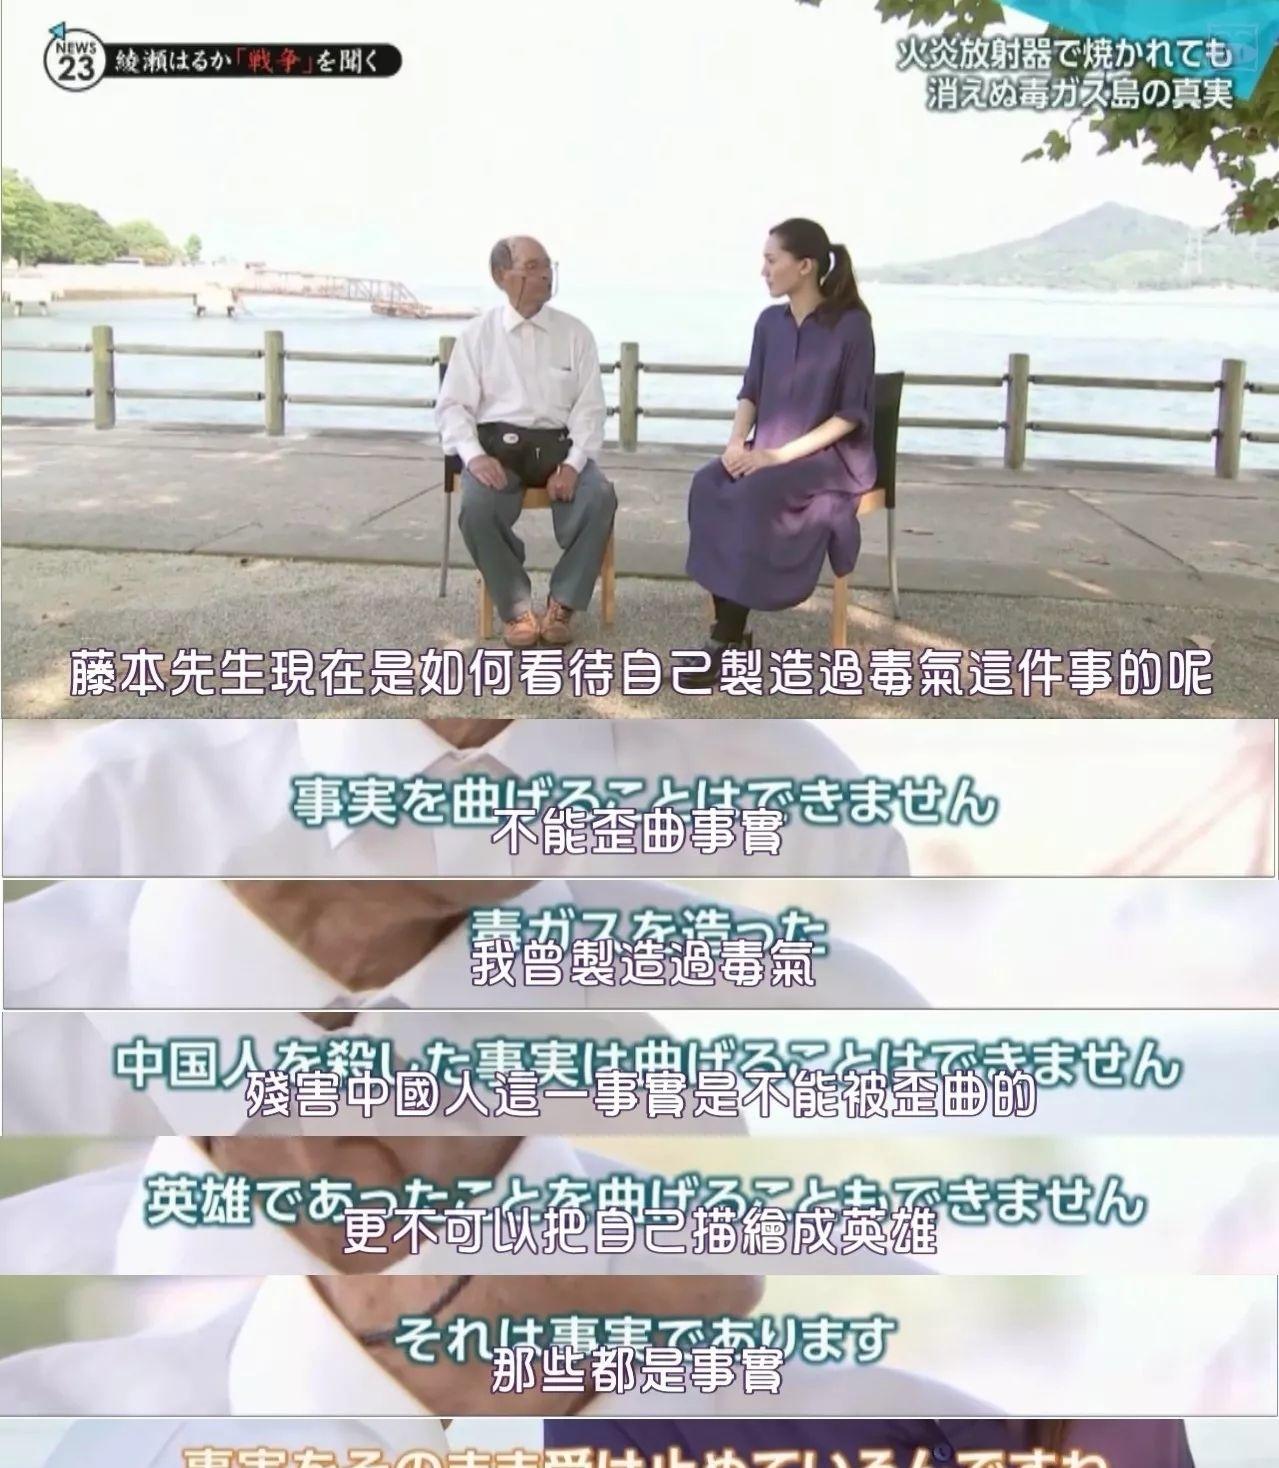 国民演员绫濑遥挑战他人不敢触碰的争议话题而圈粉无数 (8)